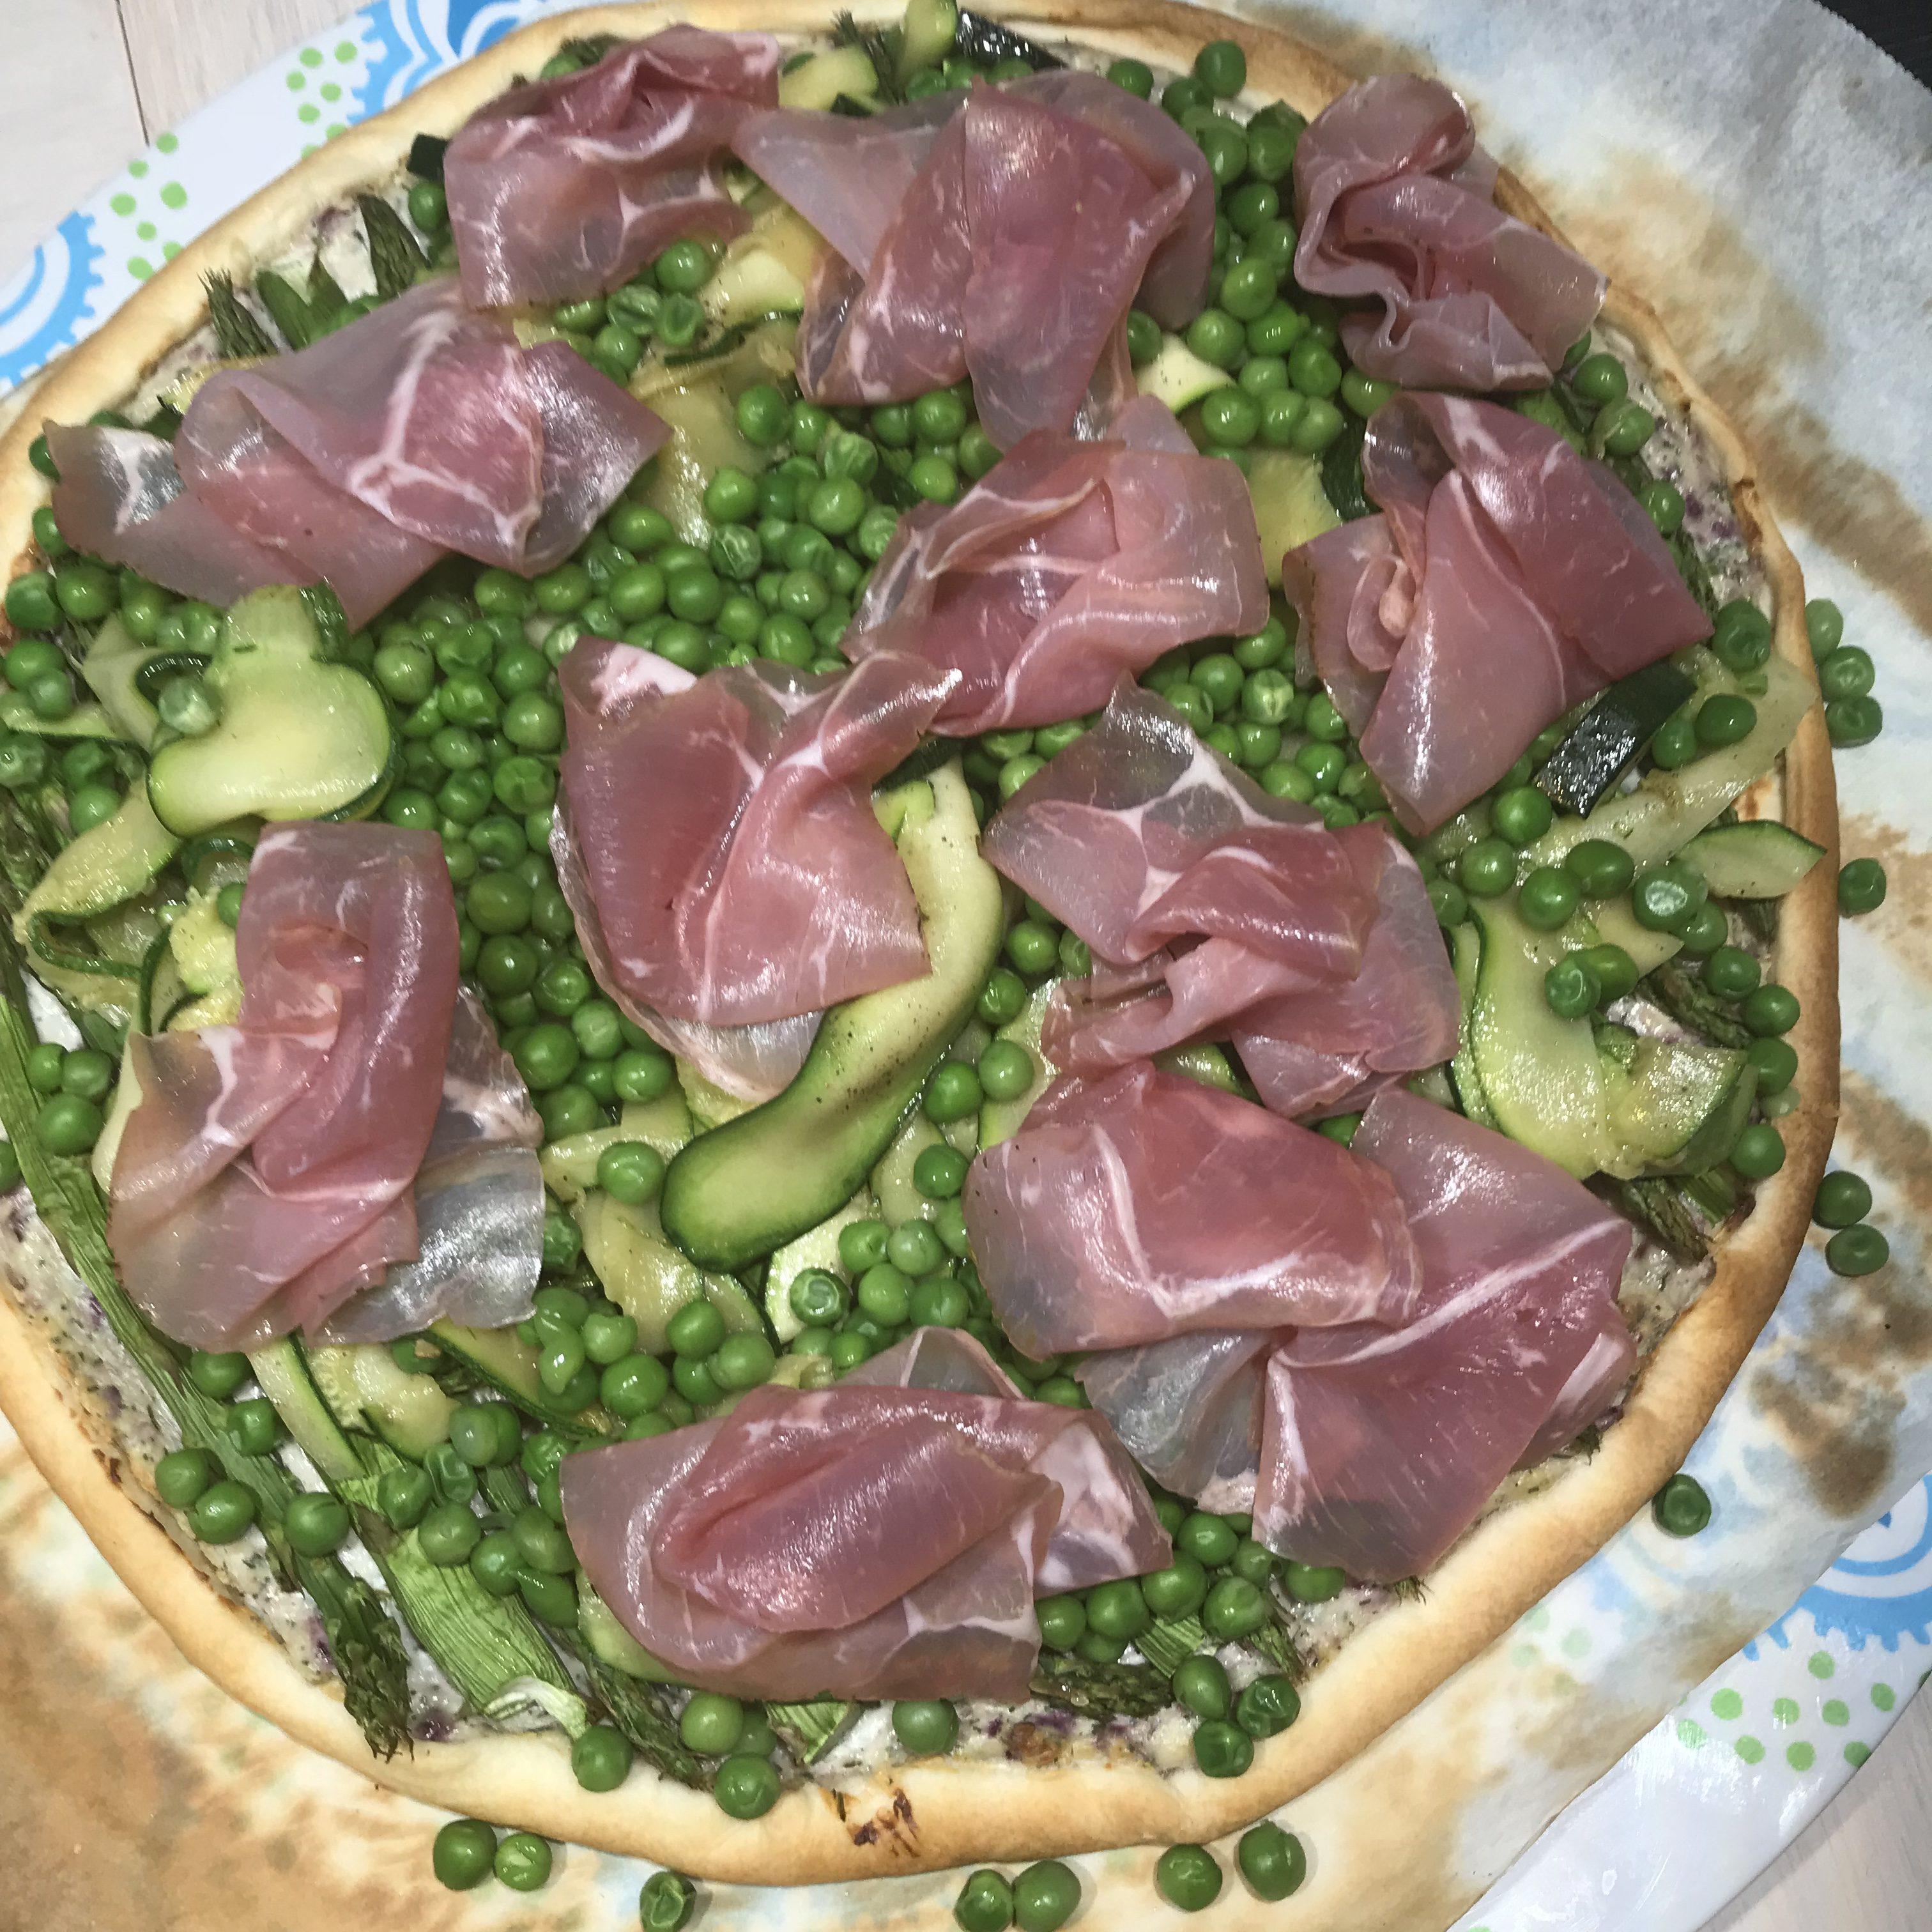 Voorjaarsplaattaart met asperges, courgette, doperwten en rauwe ham